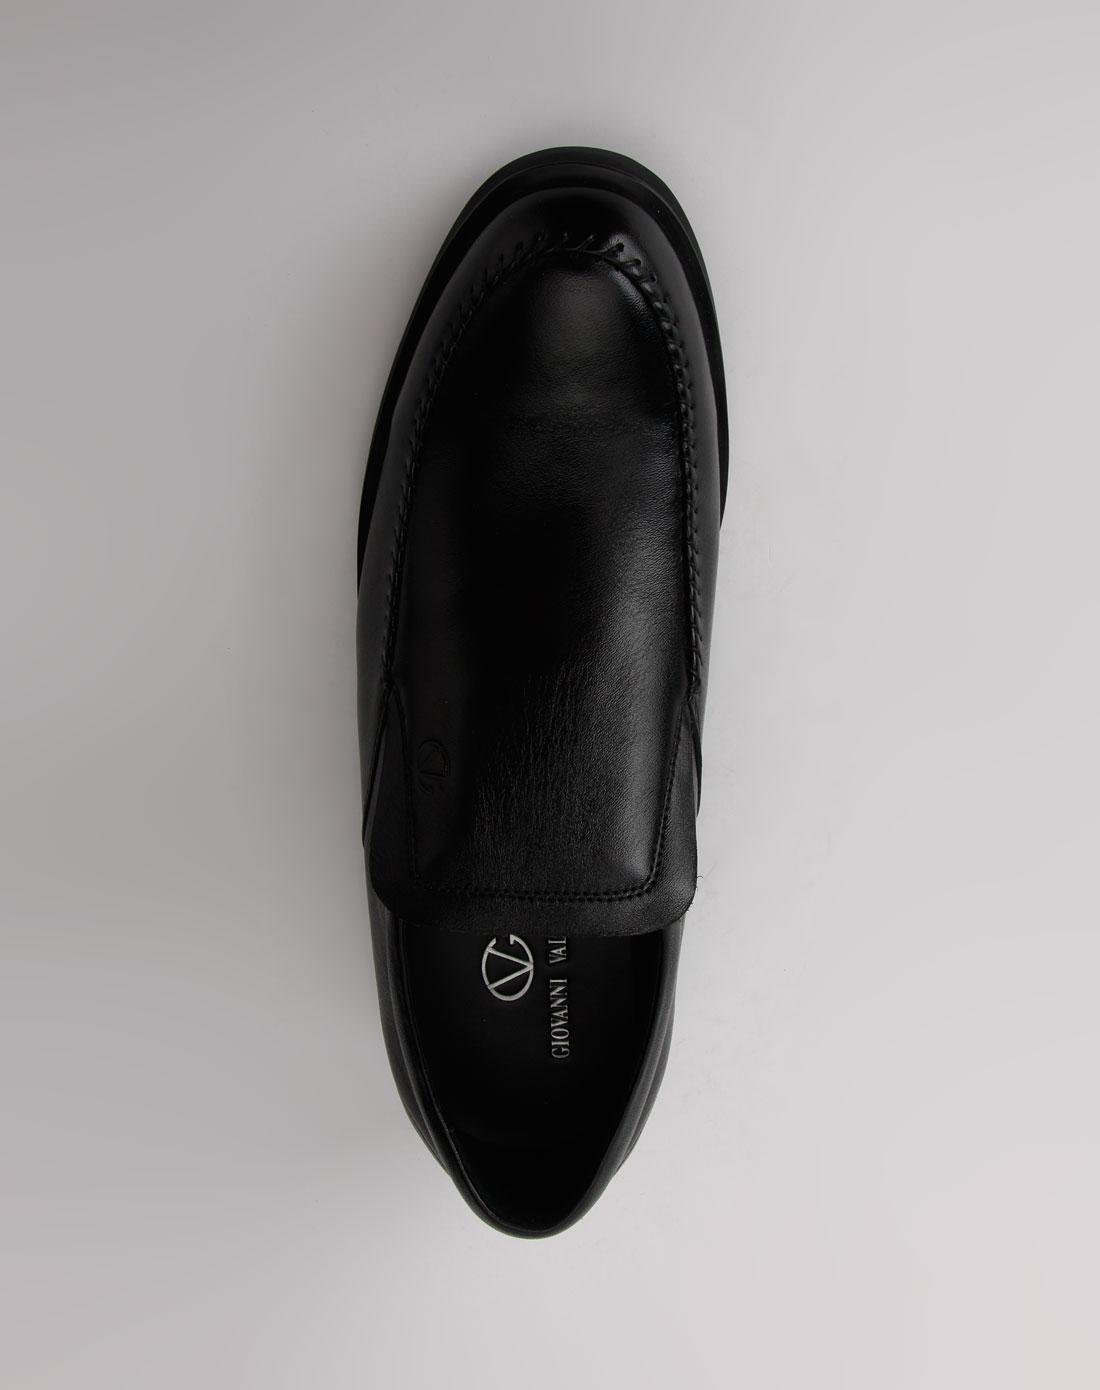 黑色休闲皮鞋6